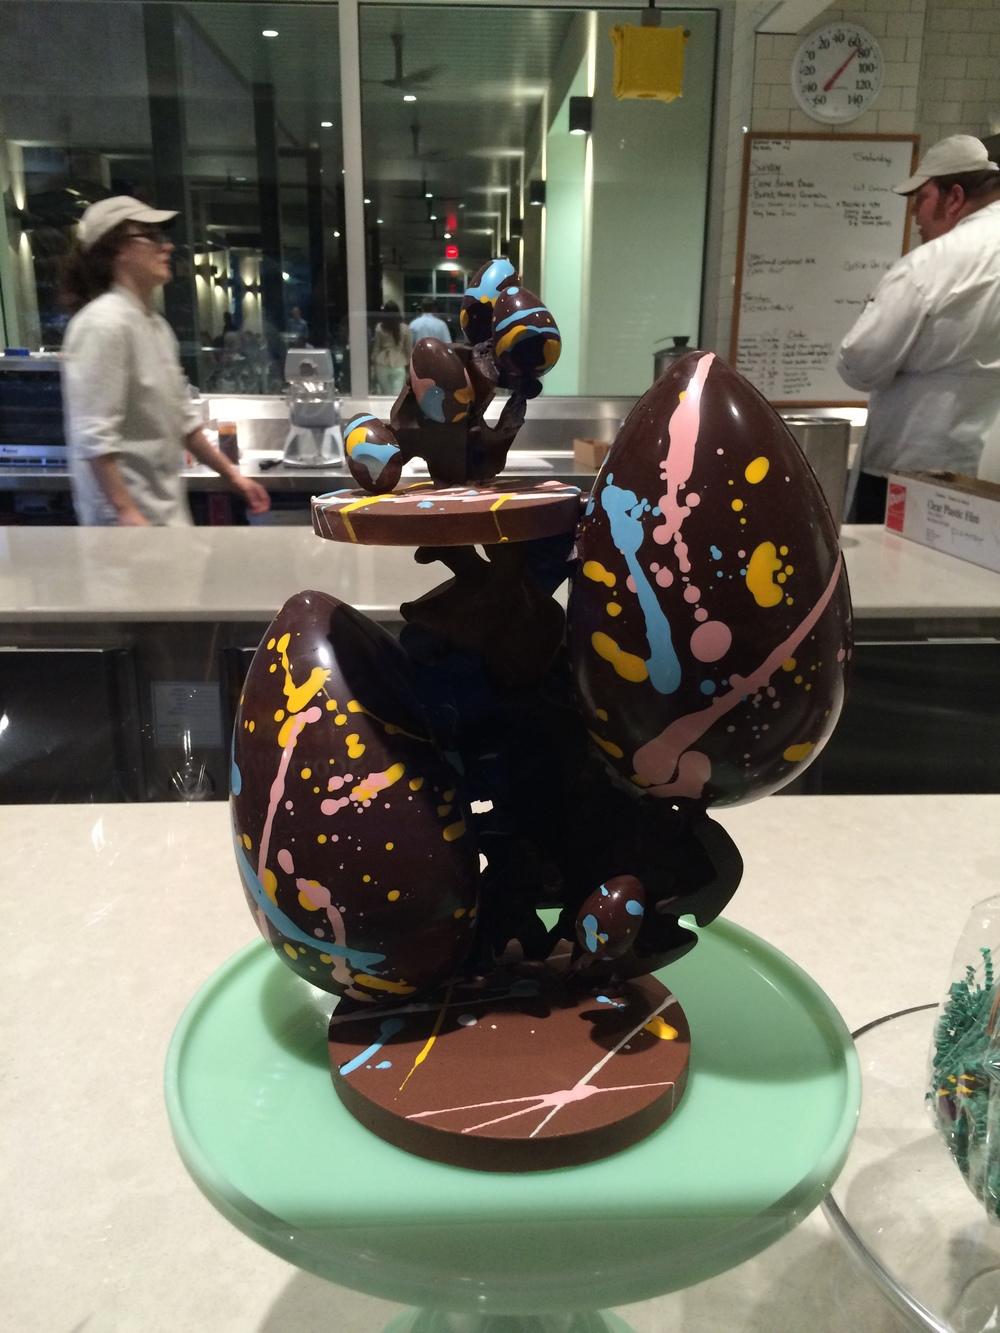 Como era Páscoa, uma escultura de Ovo de chocolate na Confeitaria.